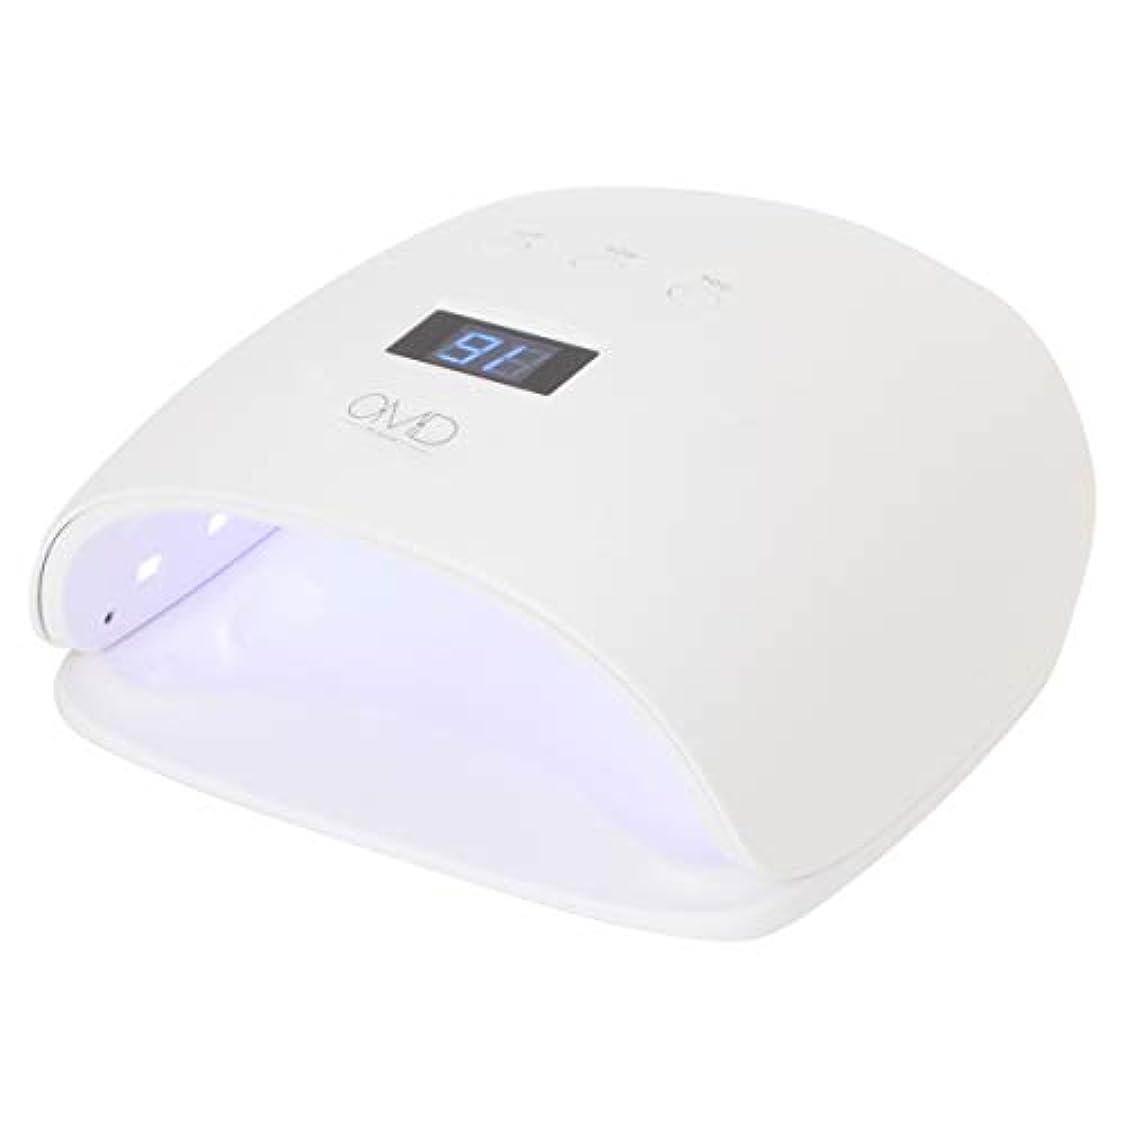 刻む言及する明確に<OMD> DX UV/LEDライト-D02 [ ネイルライト ネイルランプ LEDライト LEDランプ UVライト UVランプ ジェルネイル ネイルドライヤー LED UV ネイル ライト ランプ ]